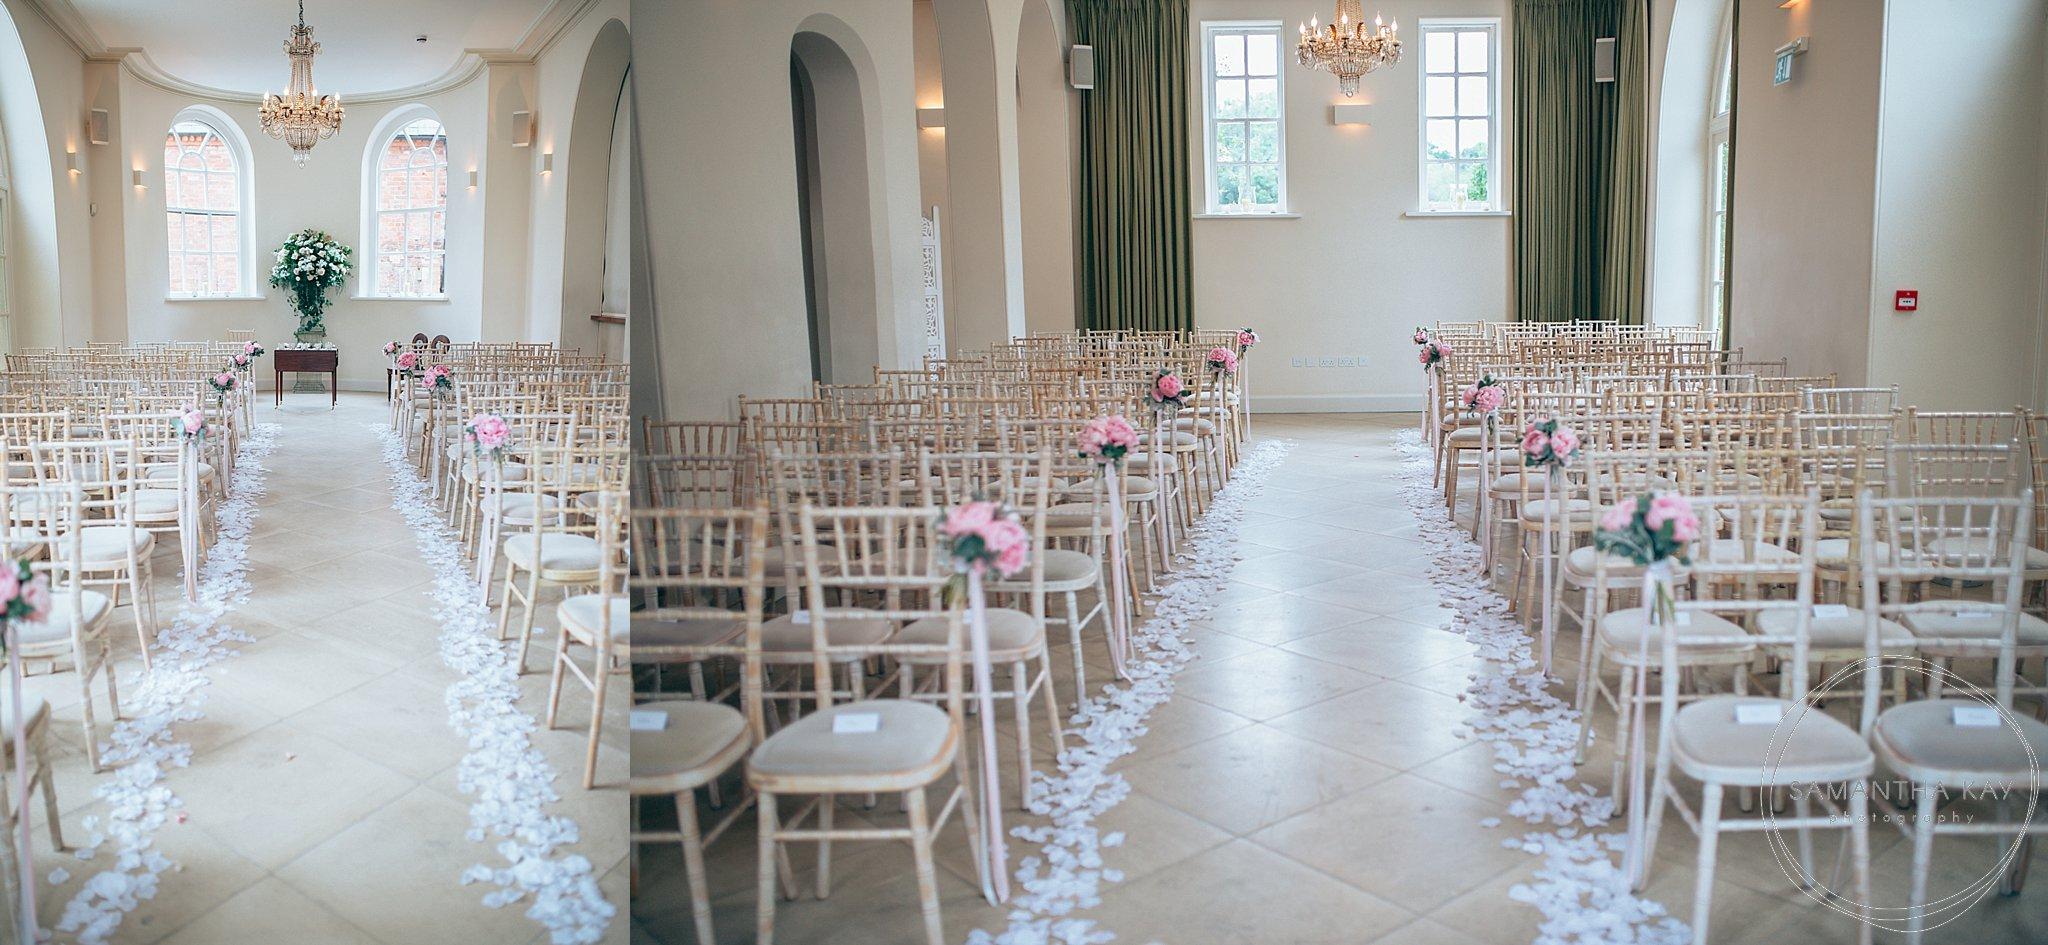 Iscoyd Park wedding venue